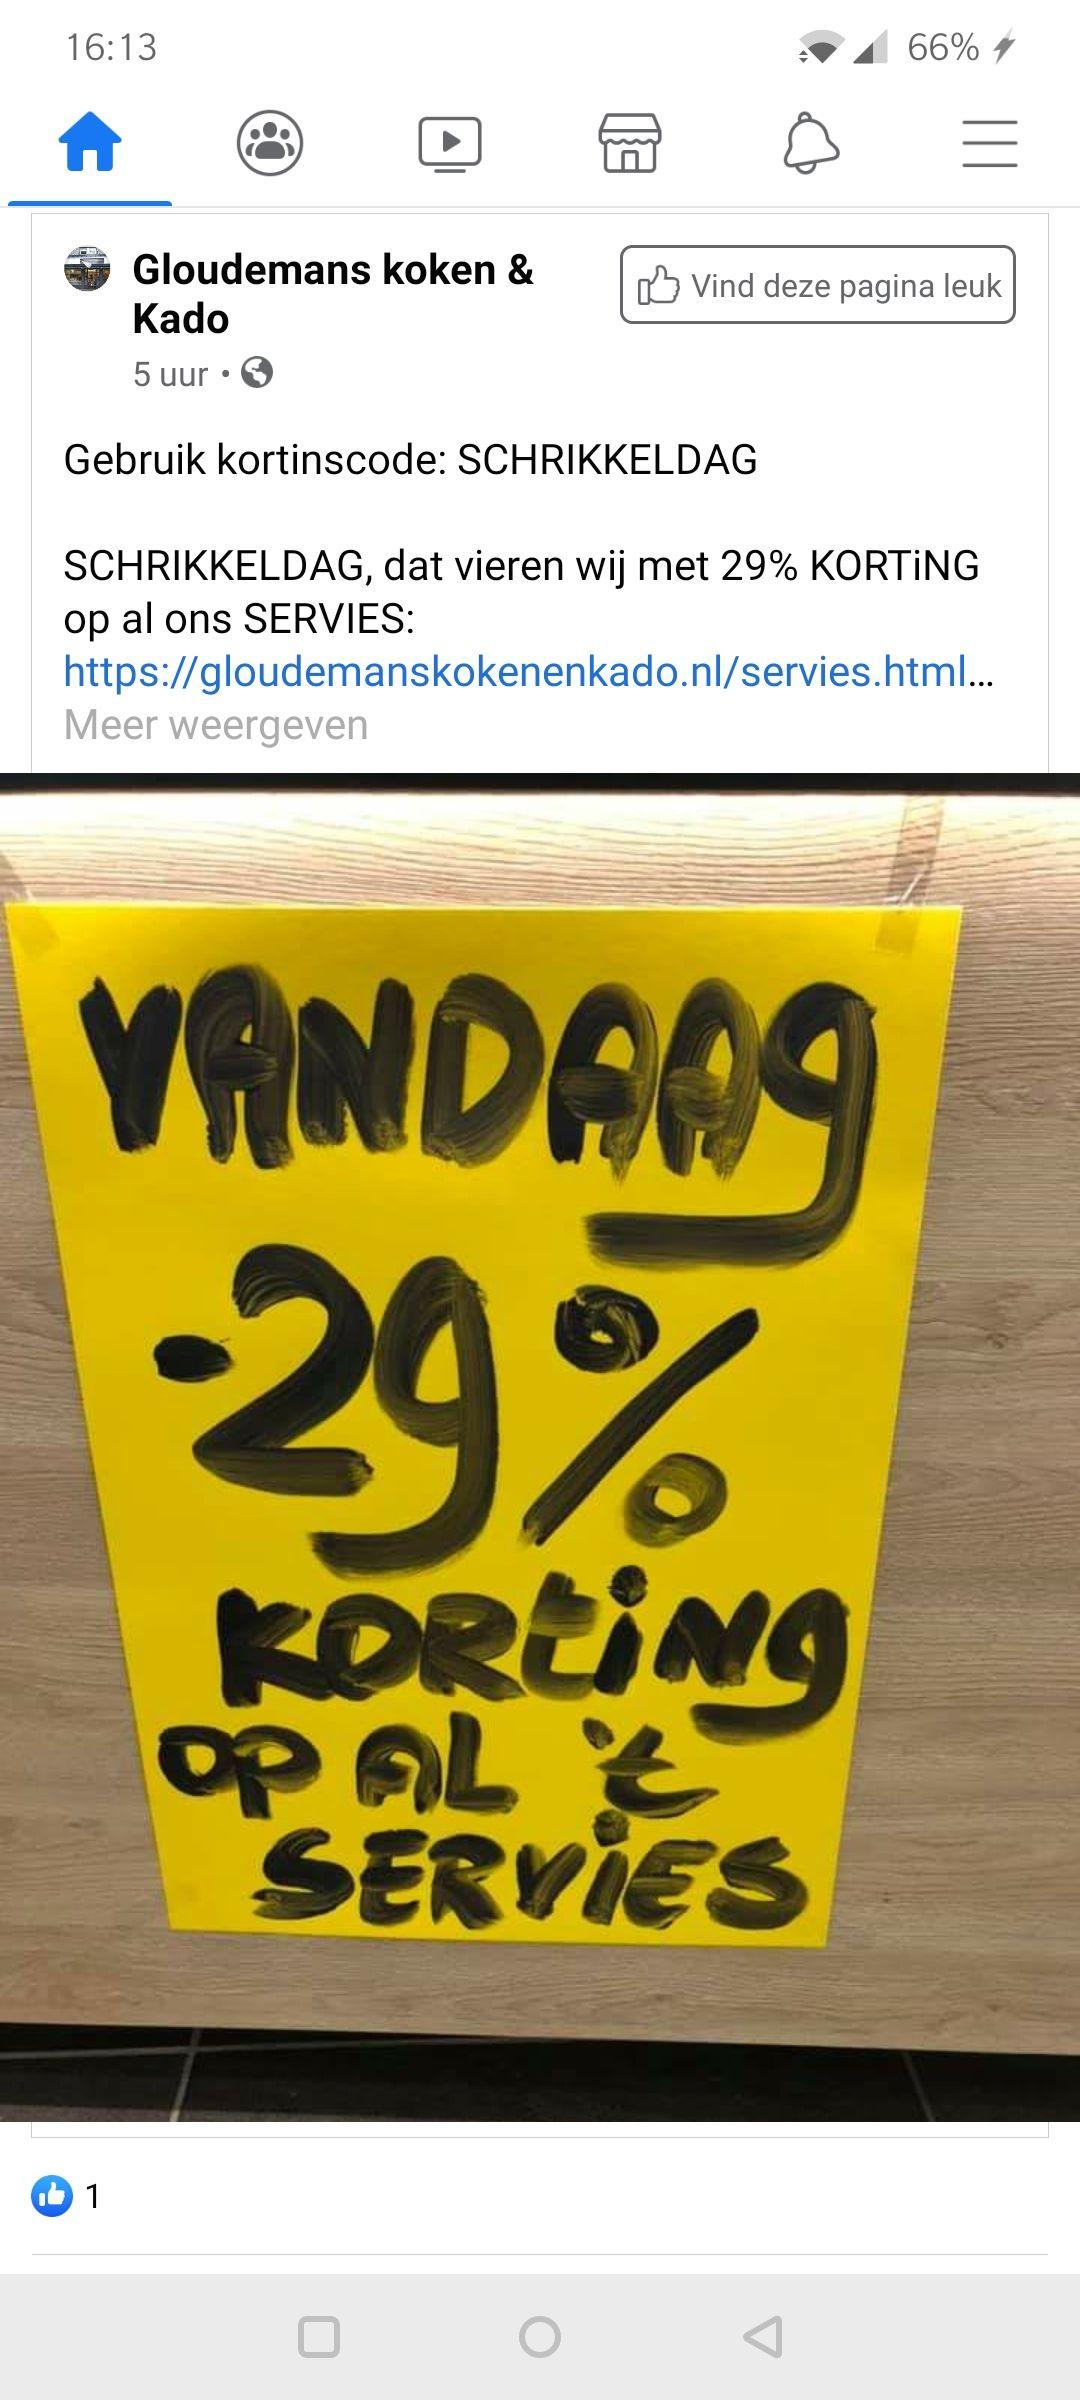 29% korting op al het servies (blond amsterdam, pip studio)